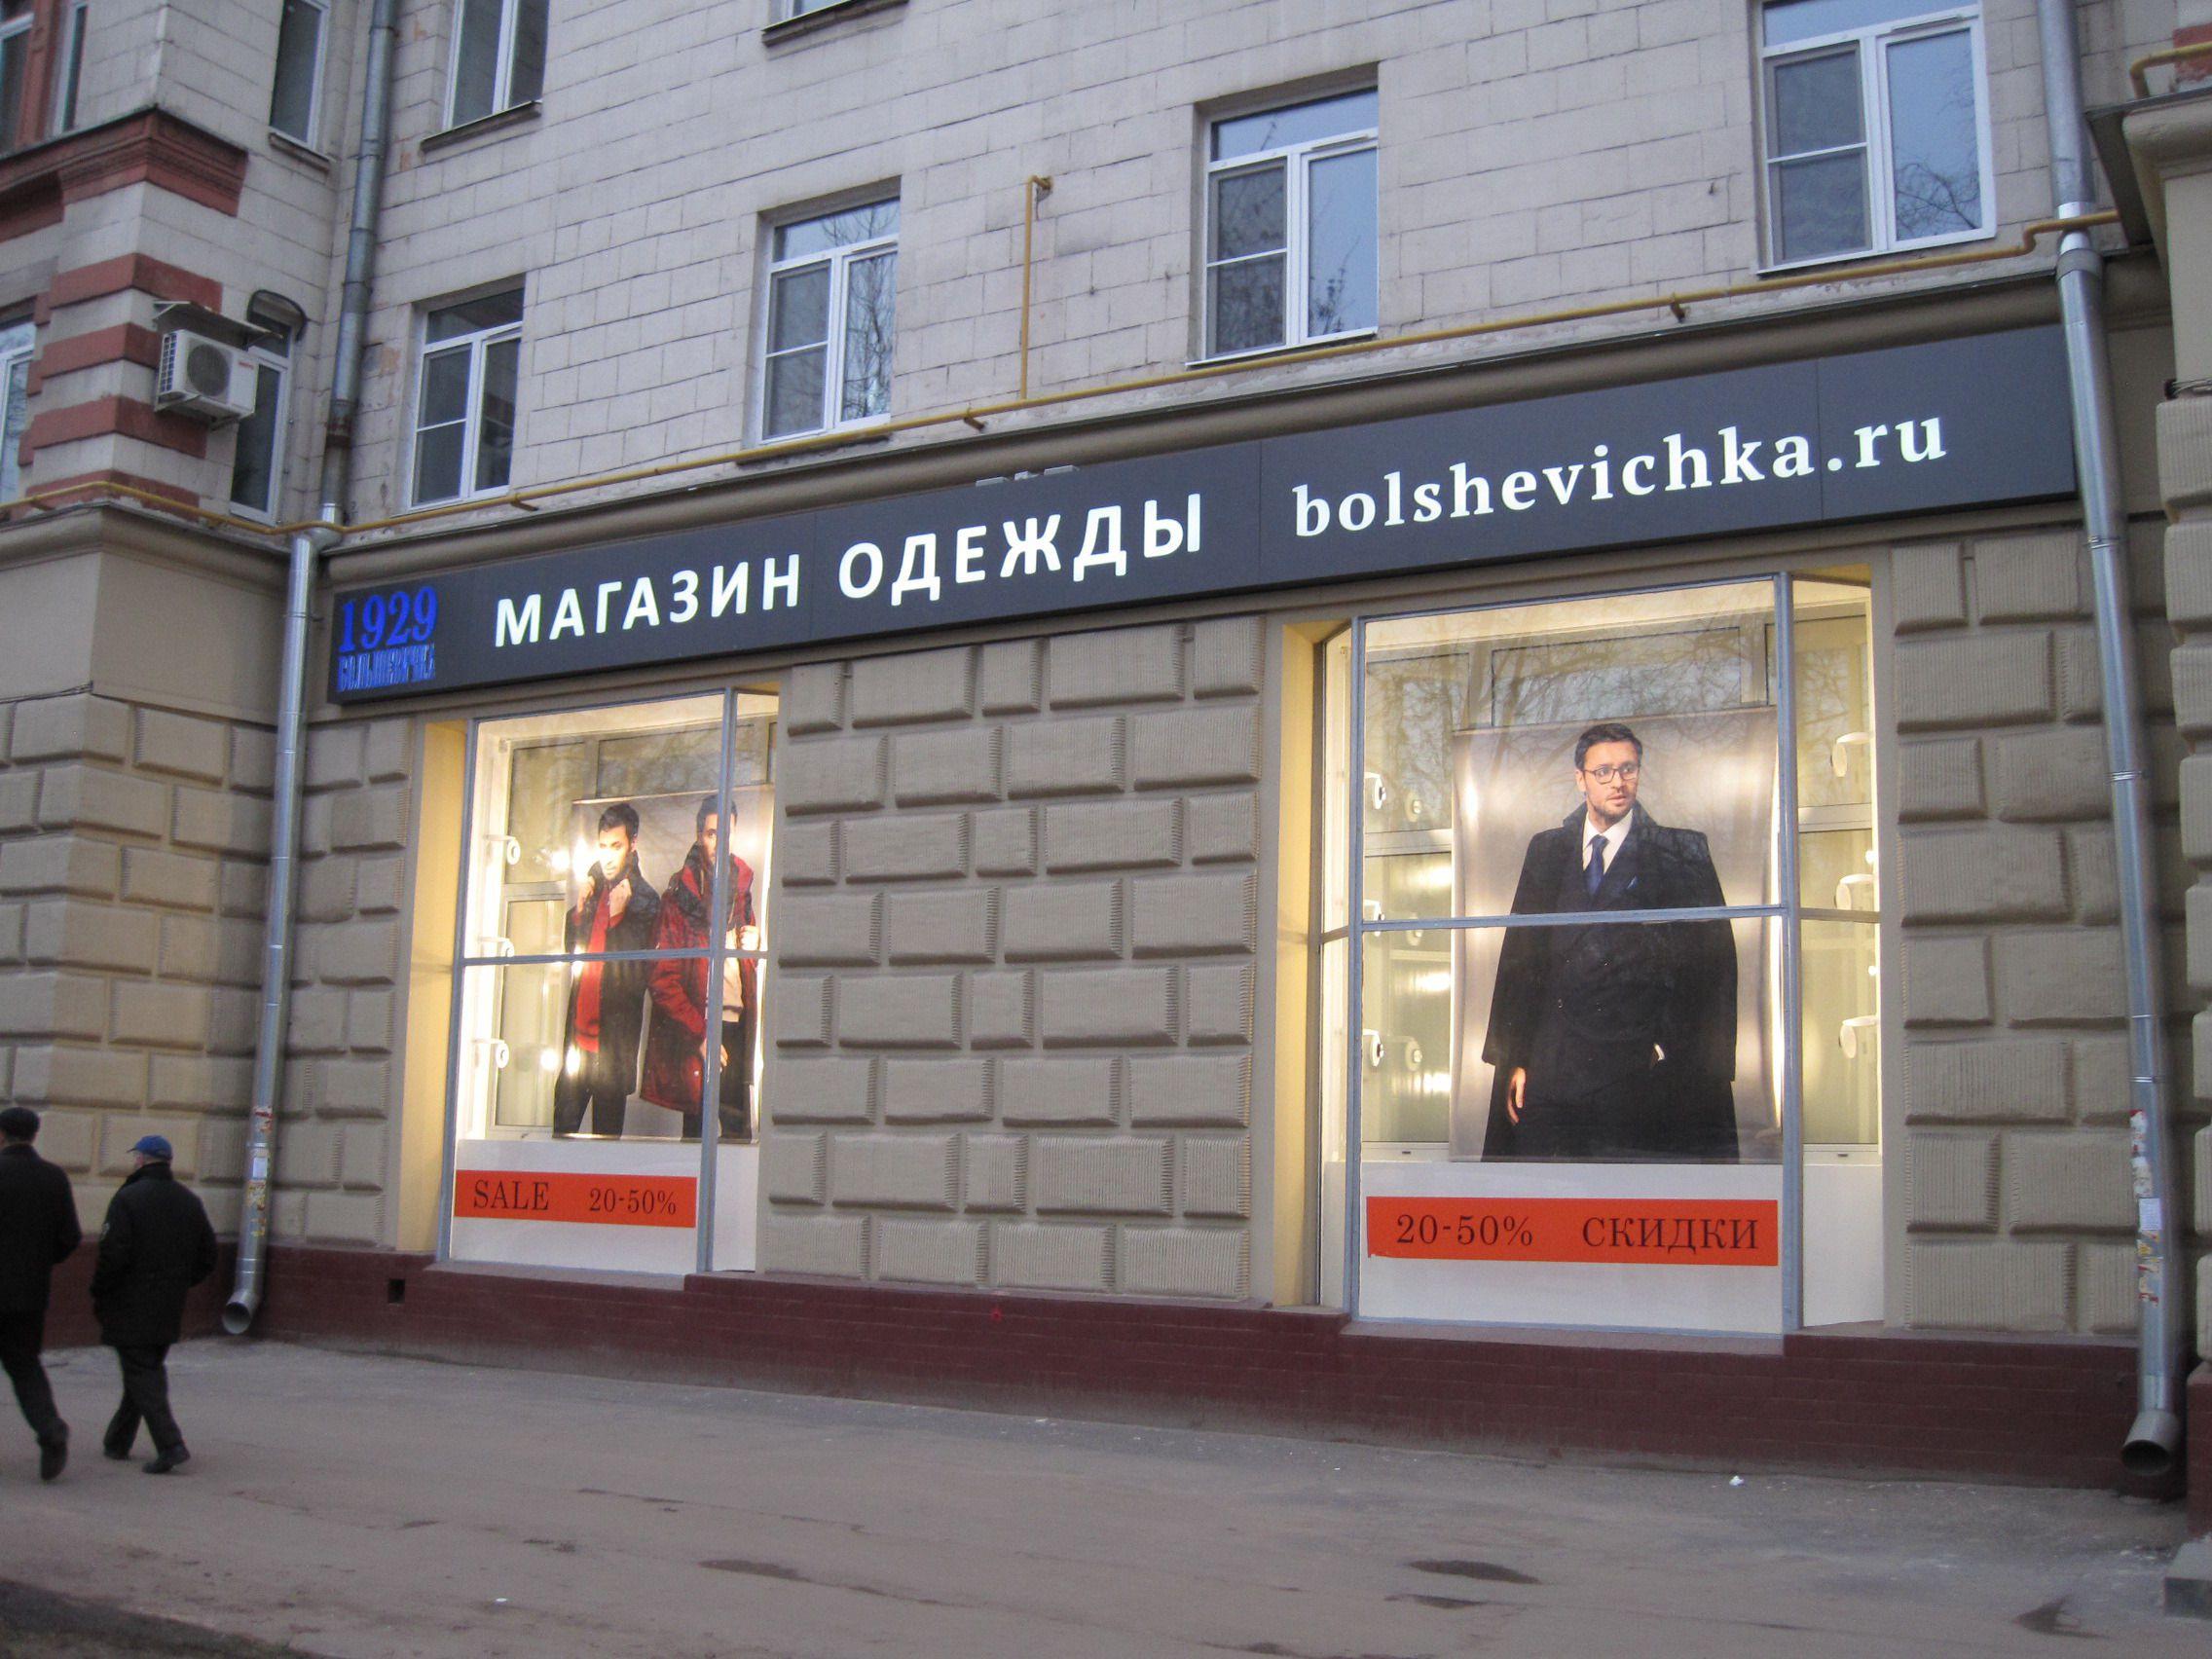 Владивосток громова 2 стоматологическая поликлиника